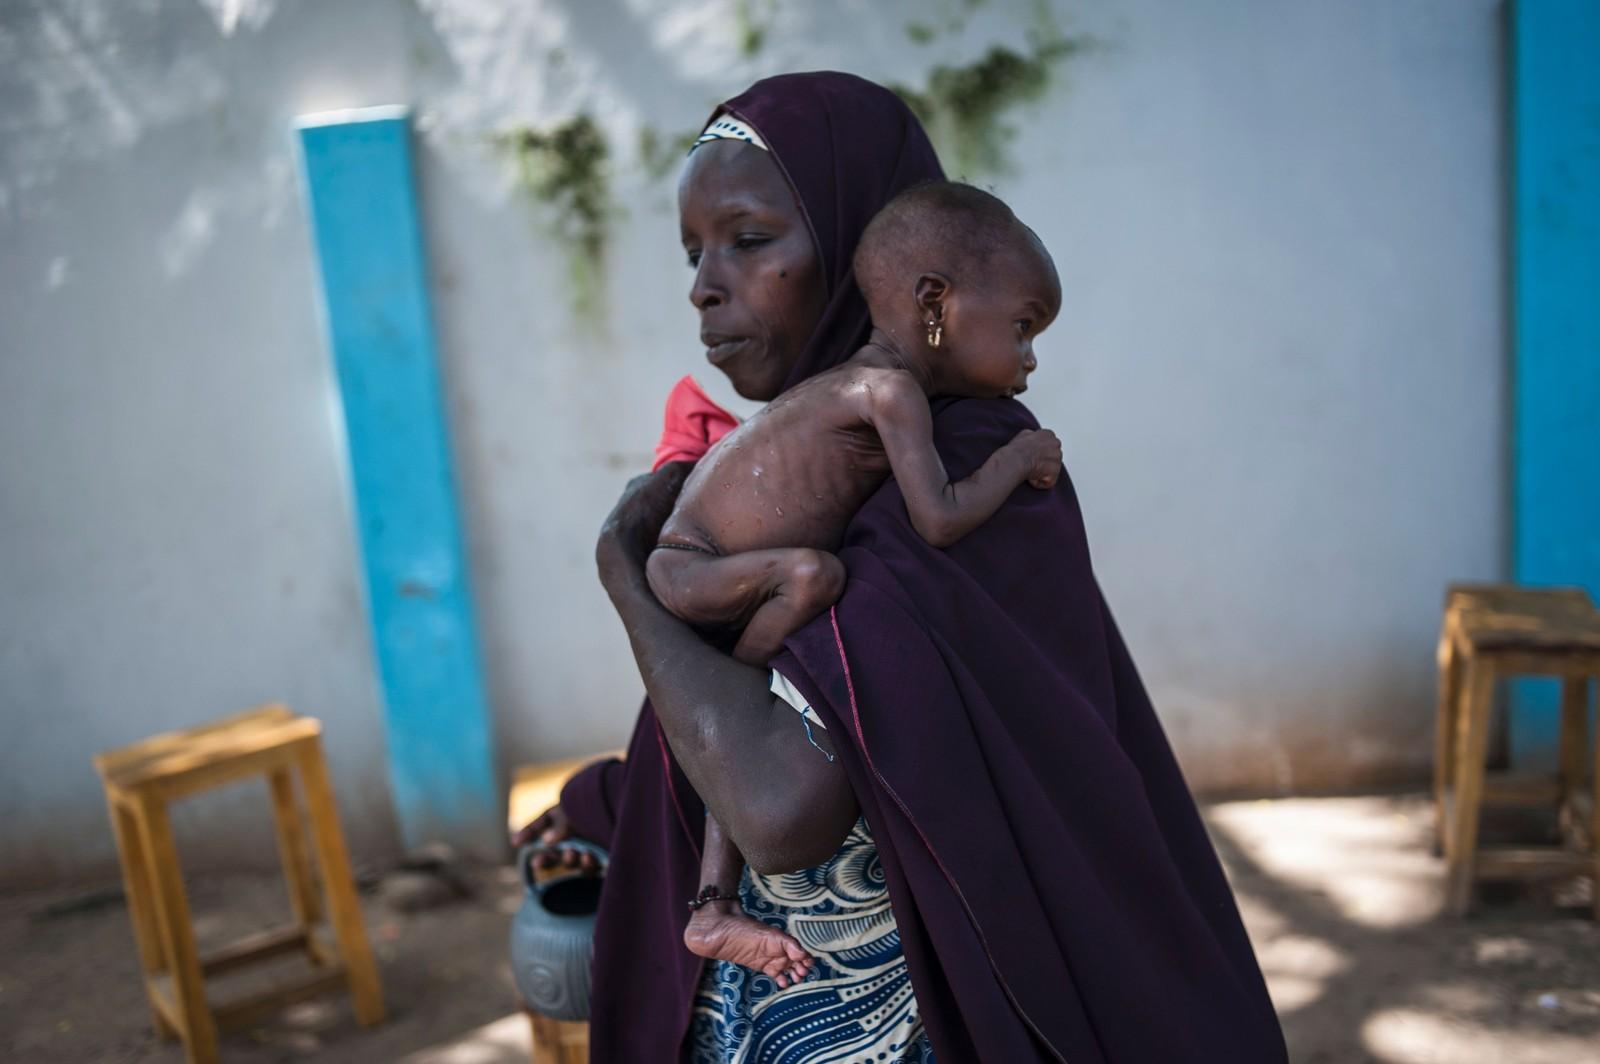 En mor holder sitt underernærte barn ved en helseklinikk i Maiduguri, nordøst i Nigeria. Hjelpeorganisasjoner advarer mot matmangel i området på grunn av langvarige konflikter. I juli meldte FN om at nesten 250.000 barn under fem år er i faresonen for underernæring og at rundt 50.000 barn kan dø.